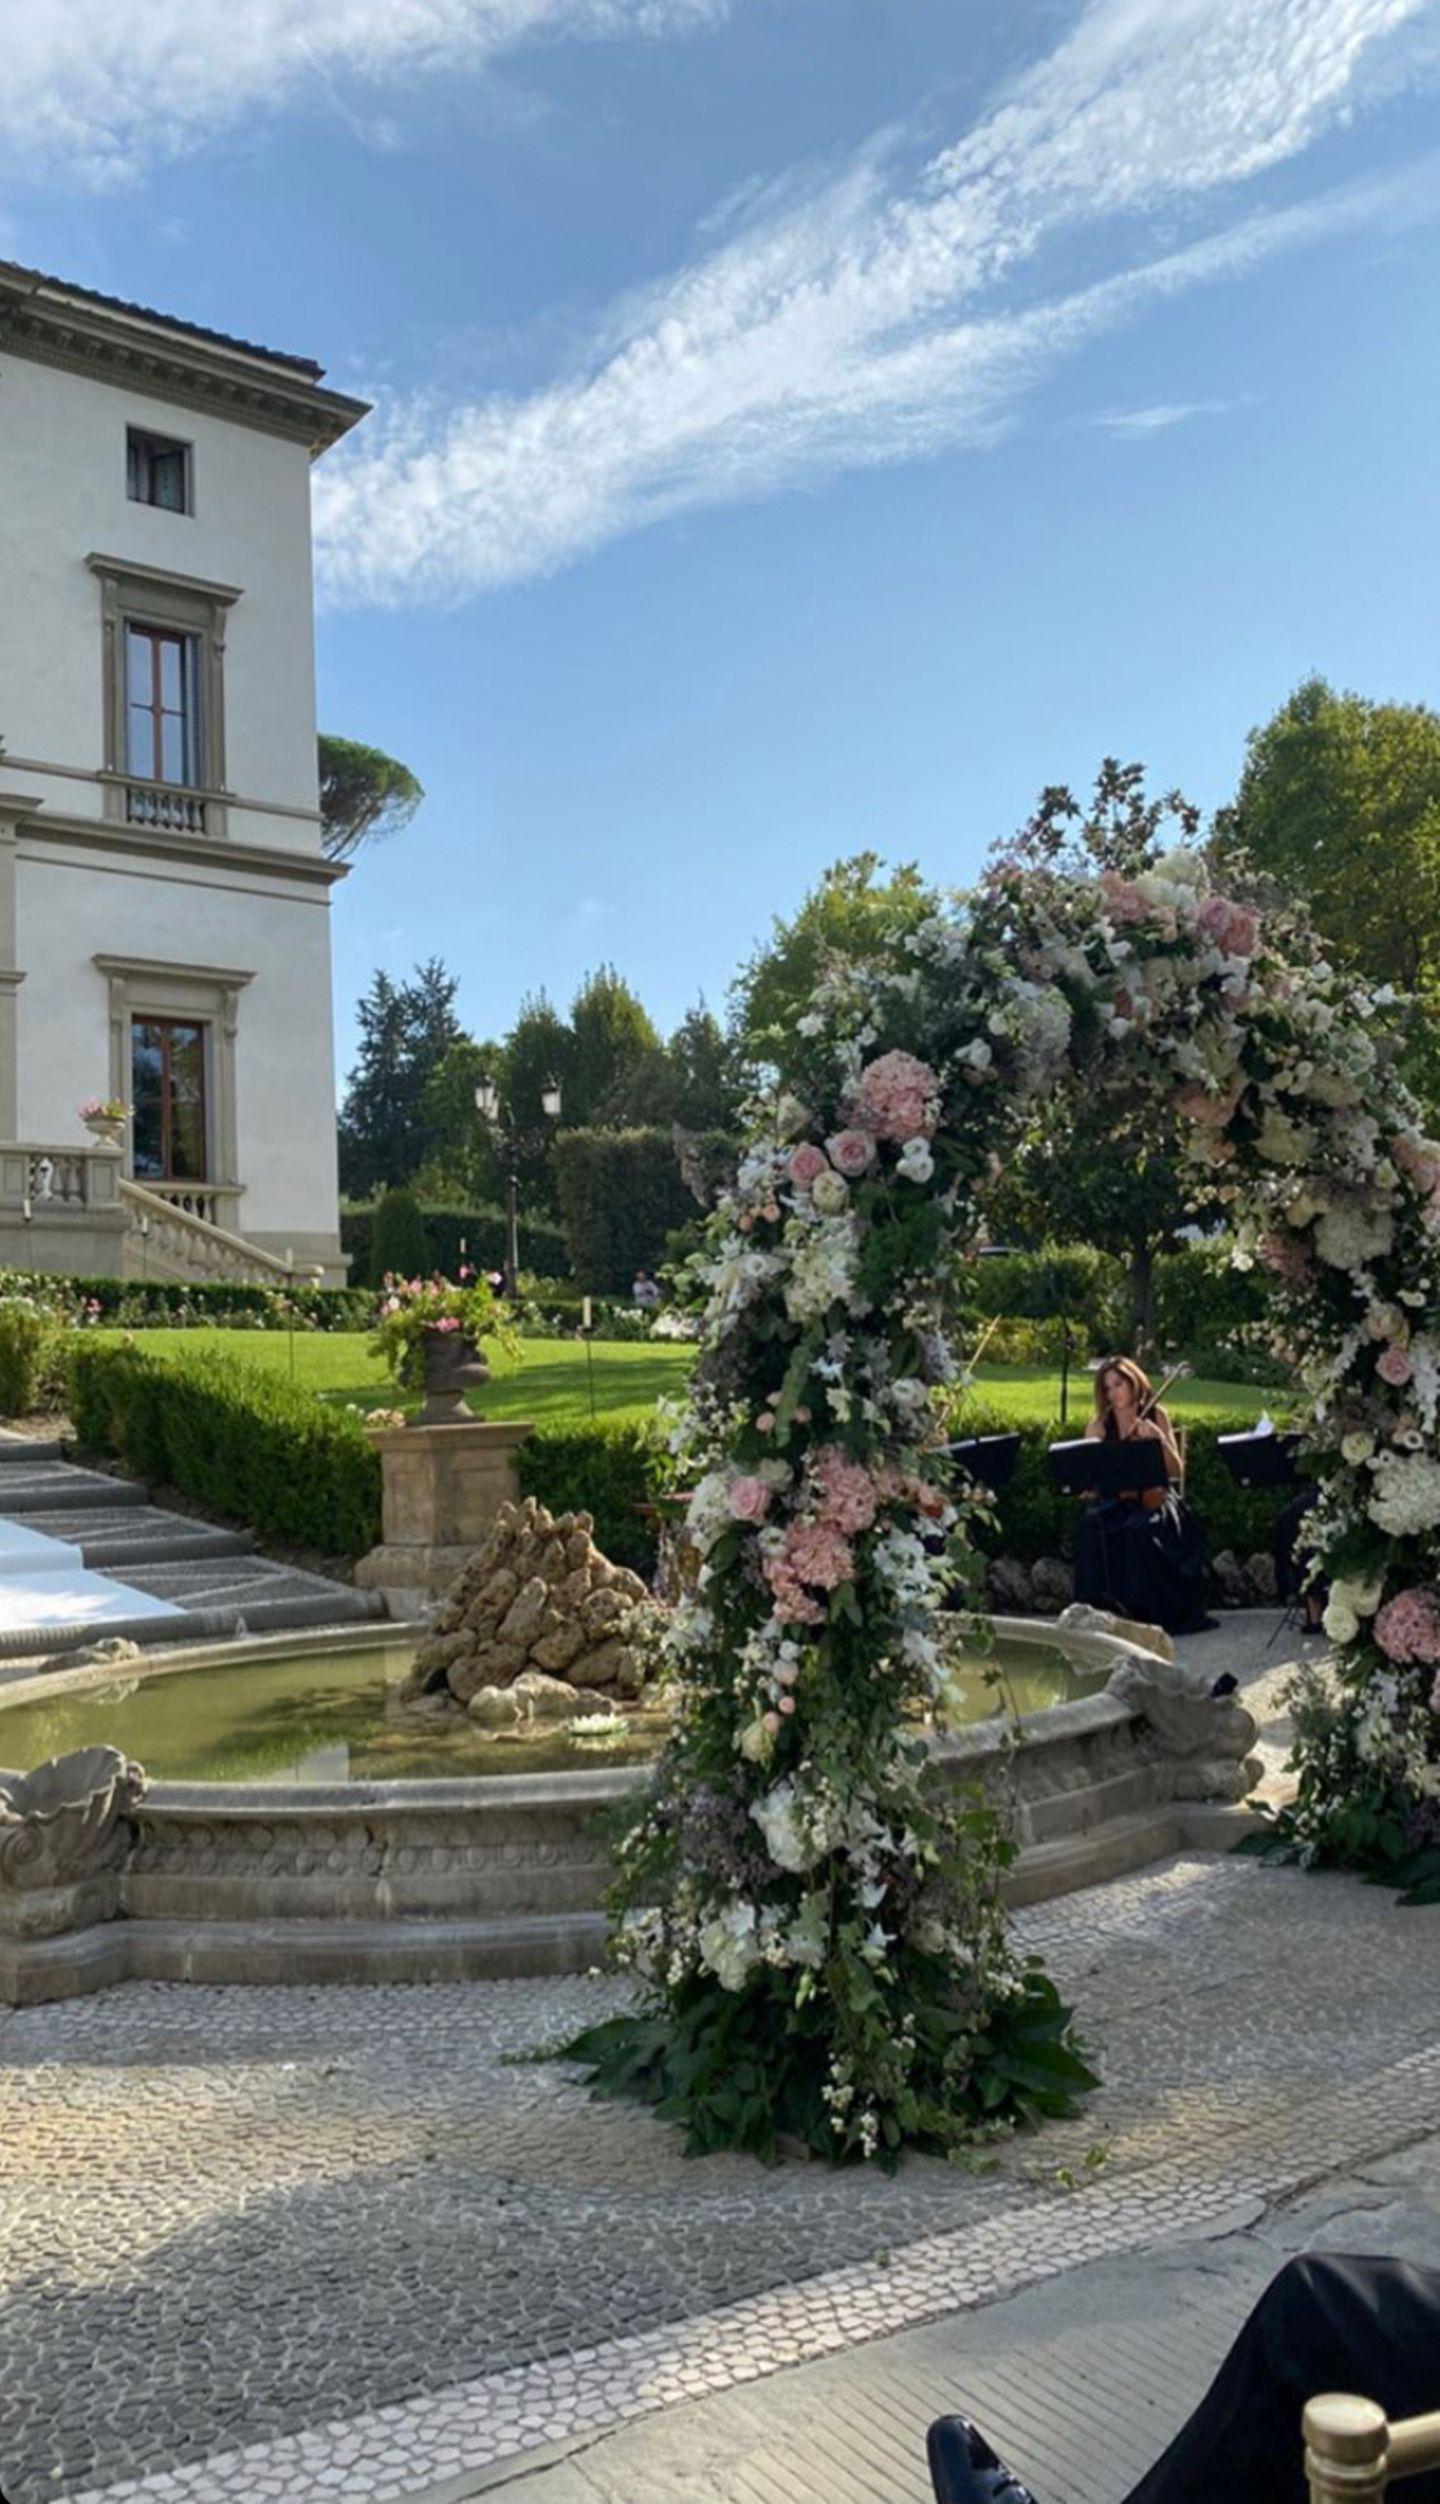 Wie aus einem Märchen! Die Hochzeit findet im Freien statt, vor einem Brunnen ist der Bogen aufgestellt, unter dem Sylvie Meis und Niclas Castello zum Ehepaar werden. Rosafarbene und weiße Blumen sind dort angesteckt. Im Hintergrund ist die Villa Cora, ein ehemaliger Adelssitz, am Ende des 19. Jahrhunderts gebaut, zu sehen.